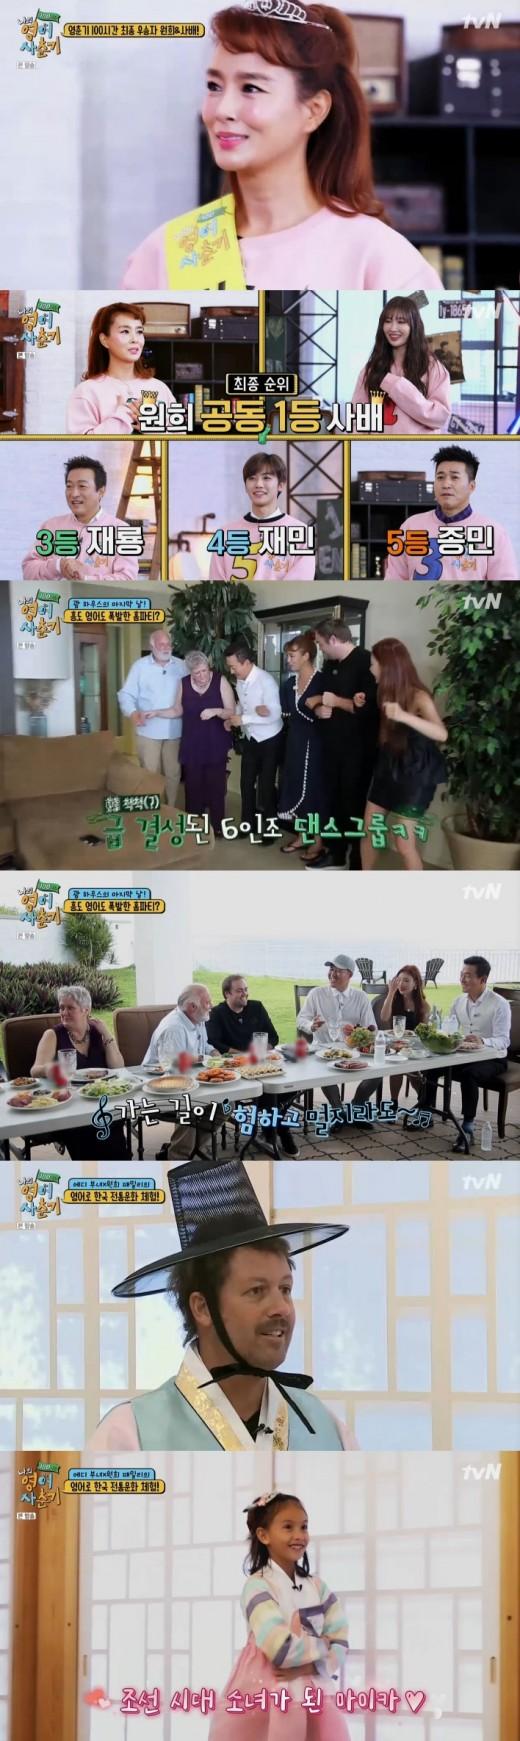 종영 '나의 영어 사춘기' 김원희, 꼴찌에서 1위…영어 실력 일취월장